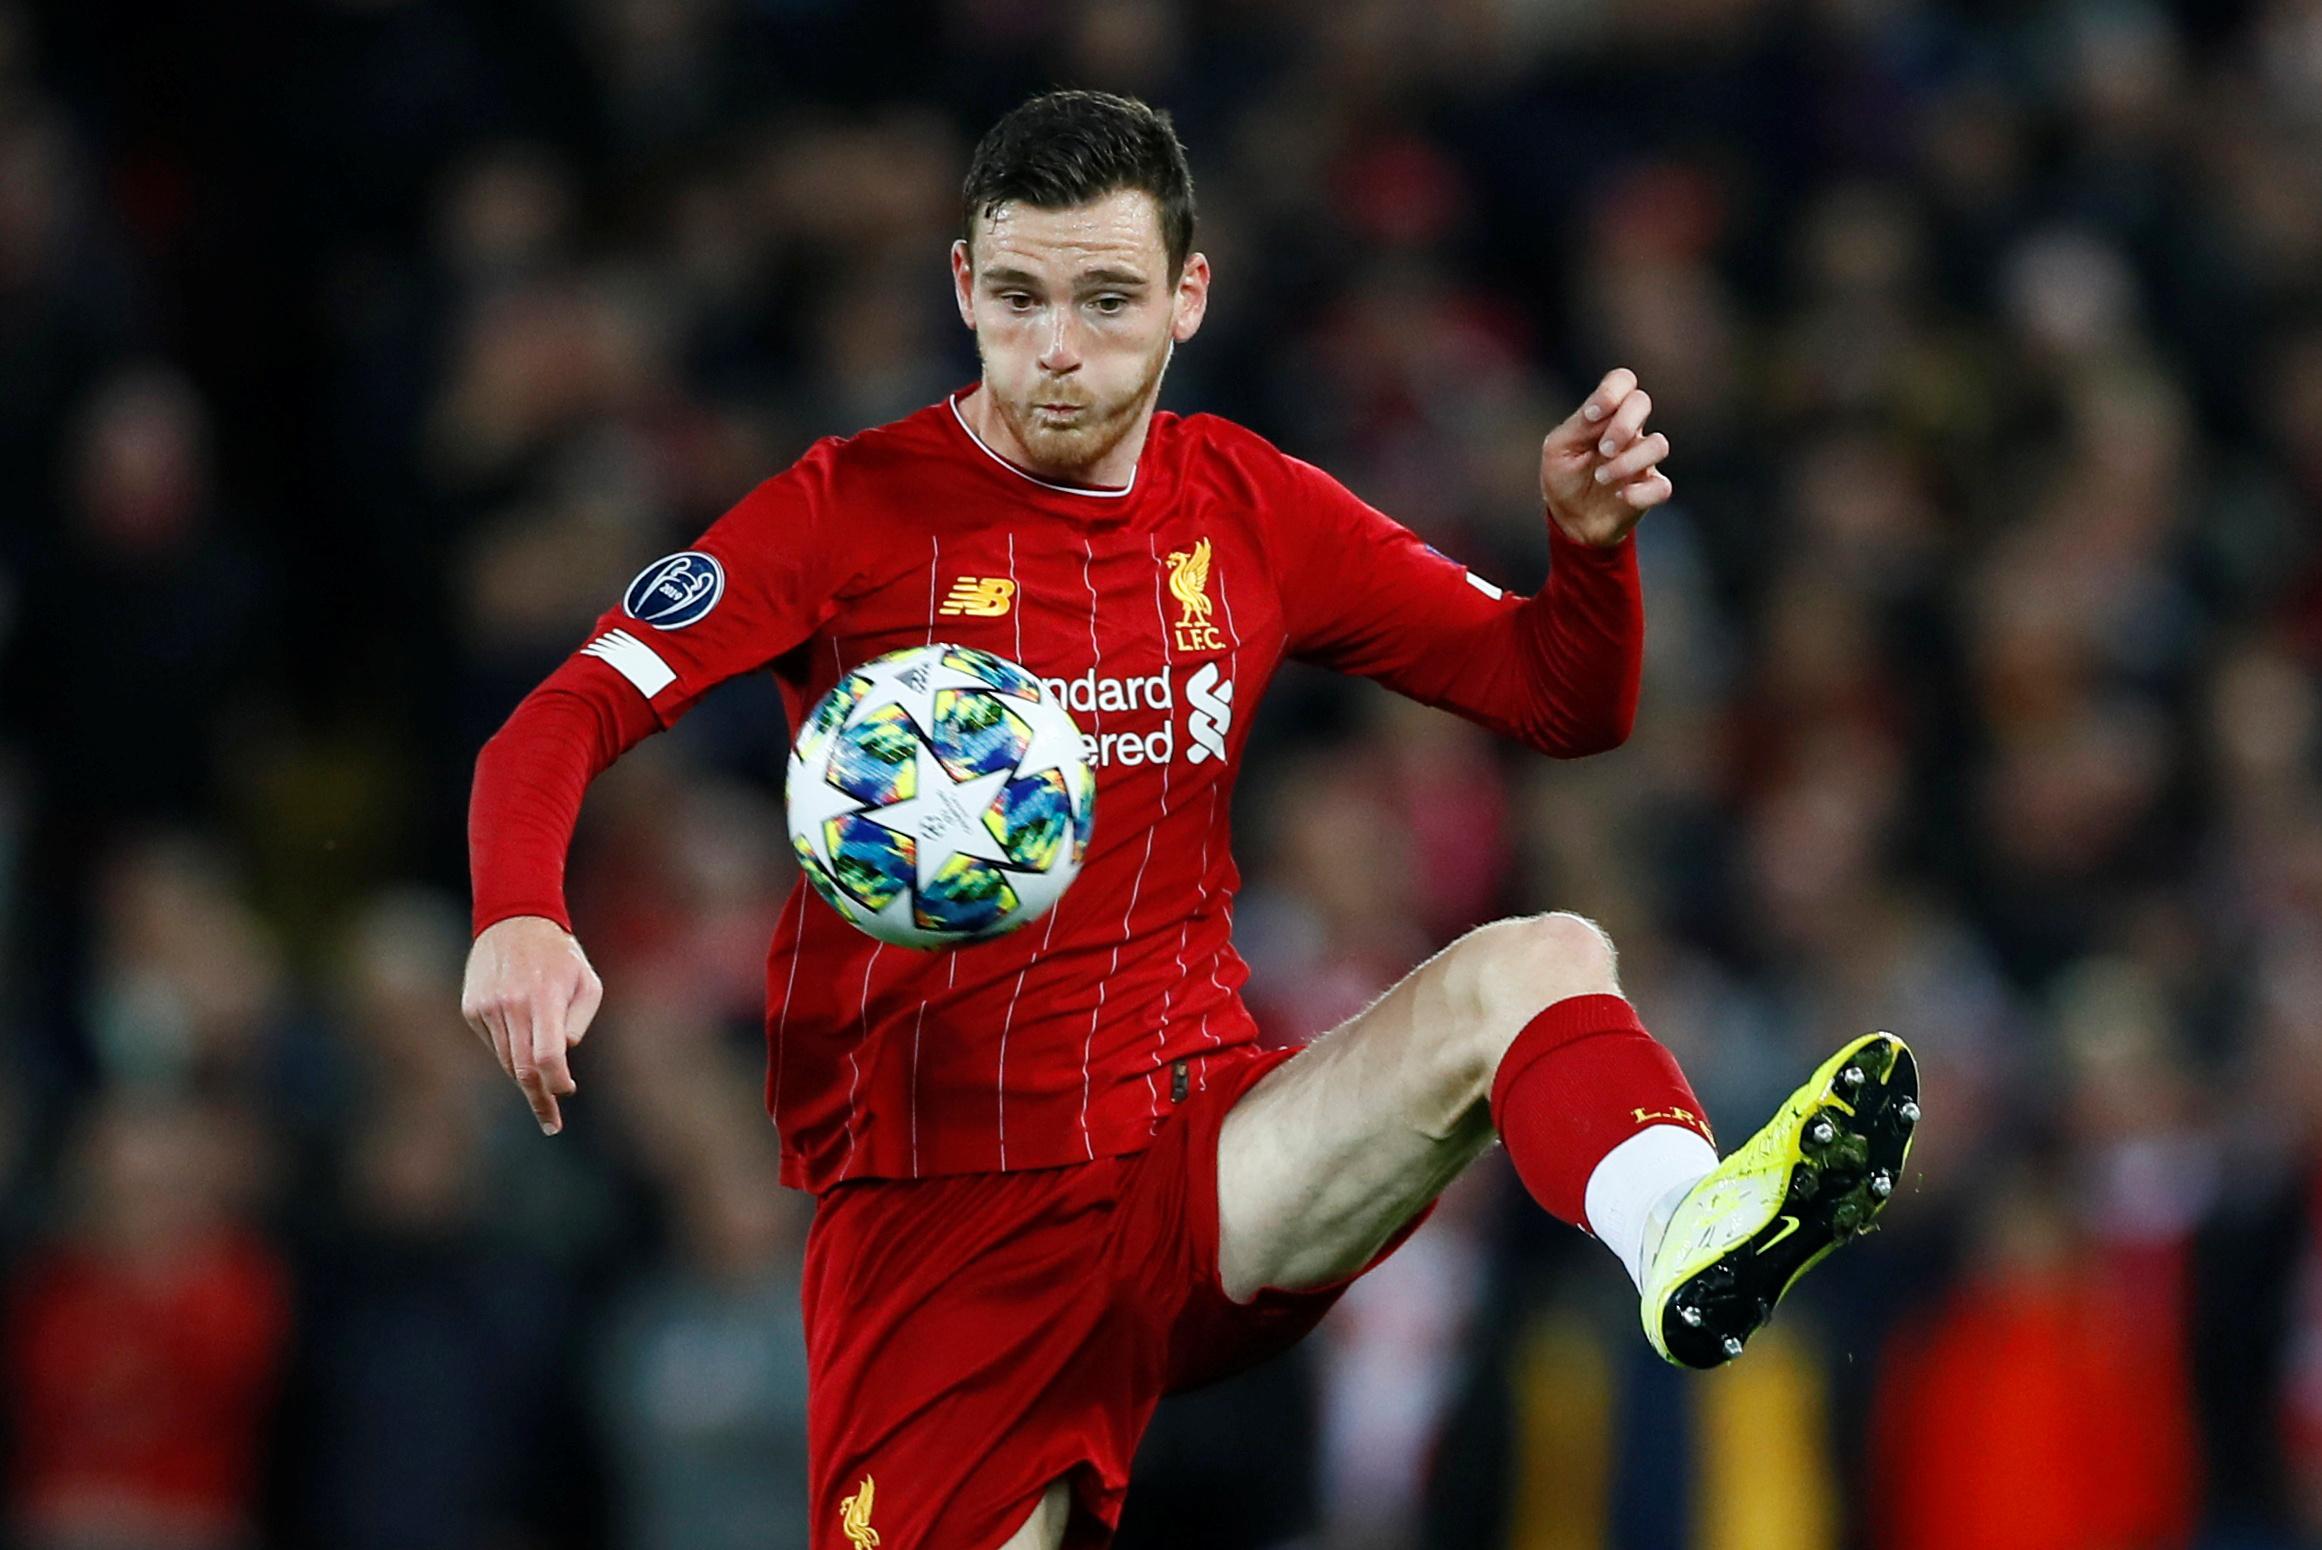 Top 5 Jurgen Klopp signings at Liverpool